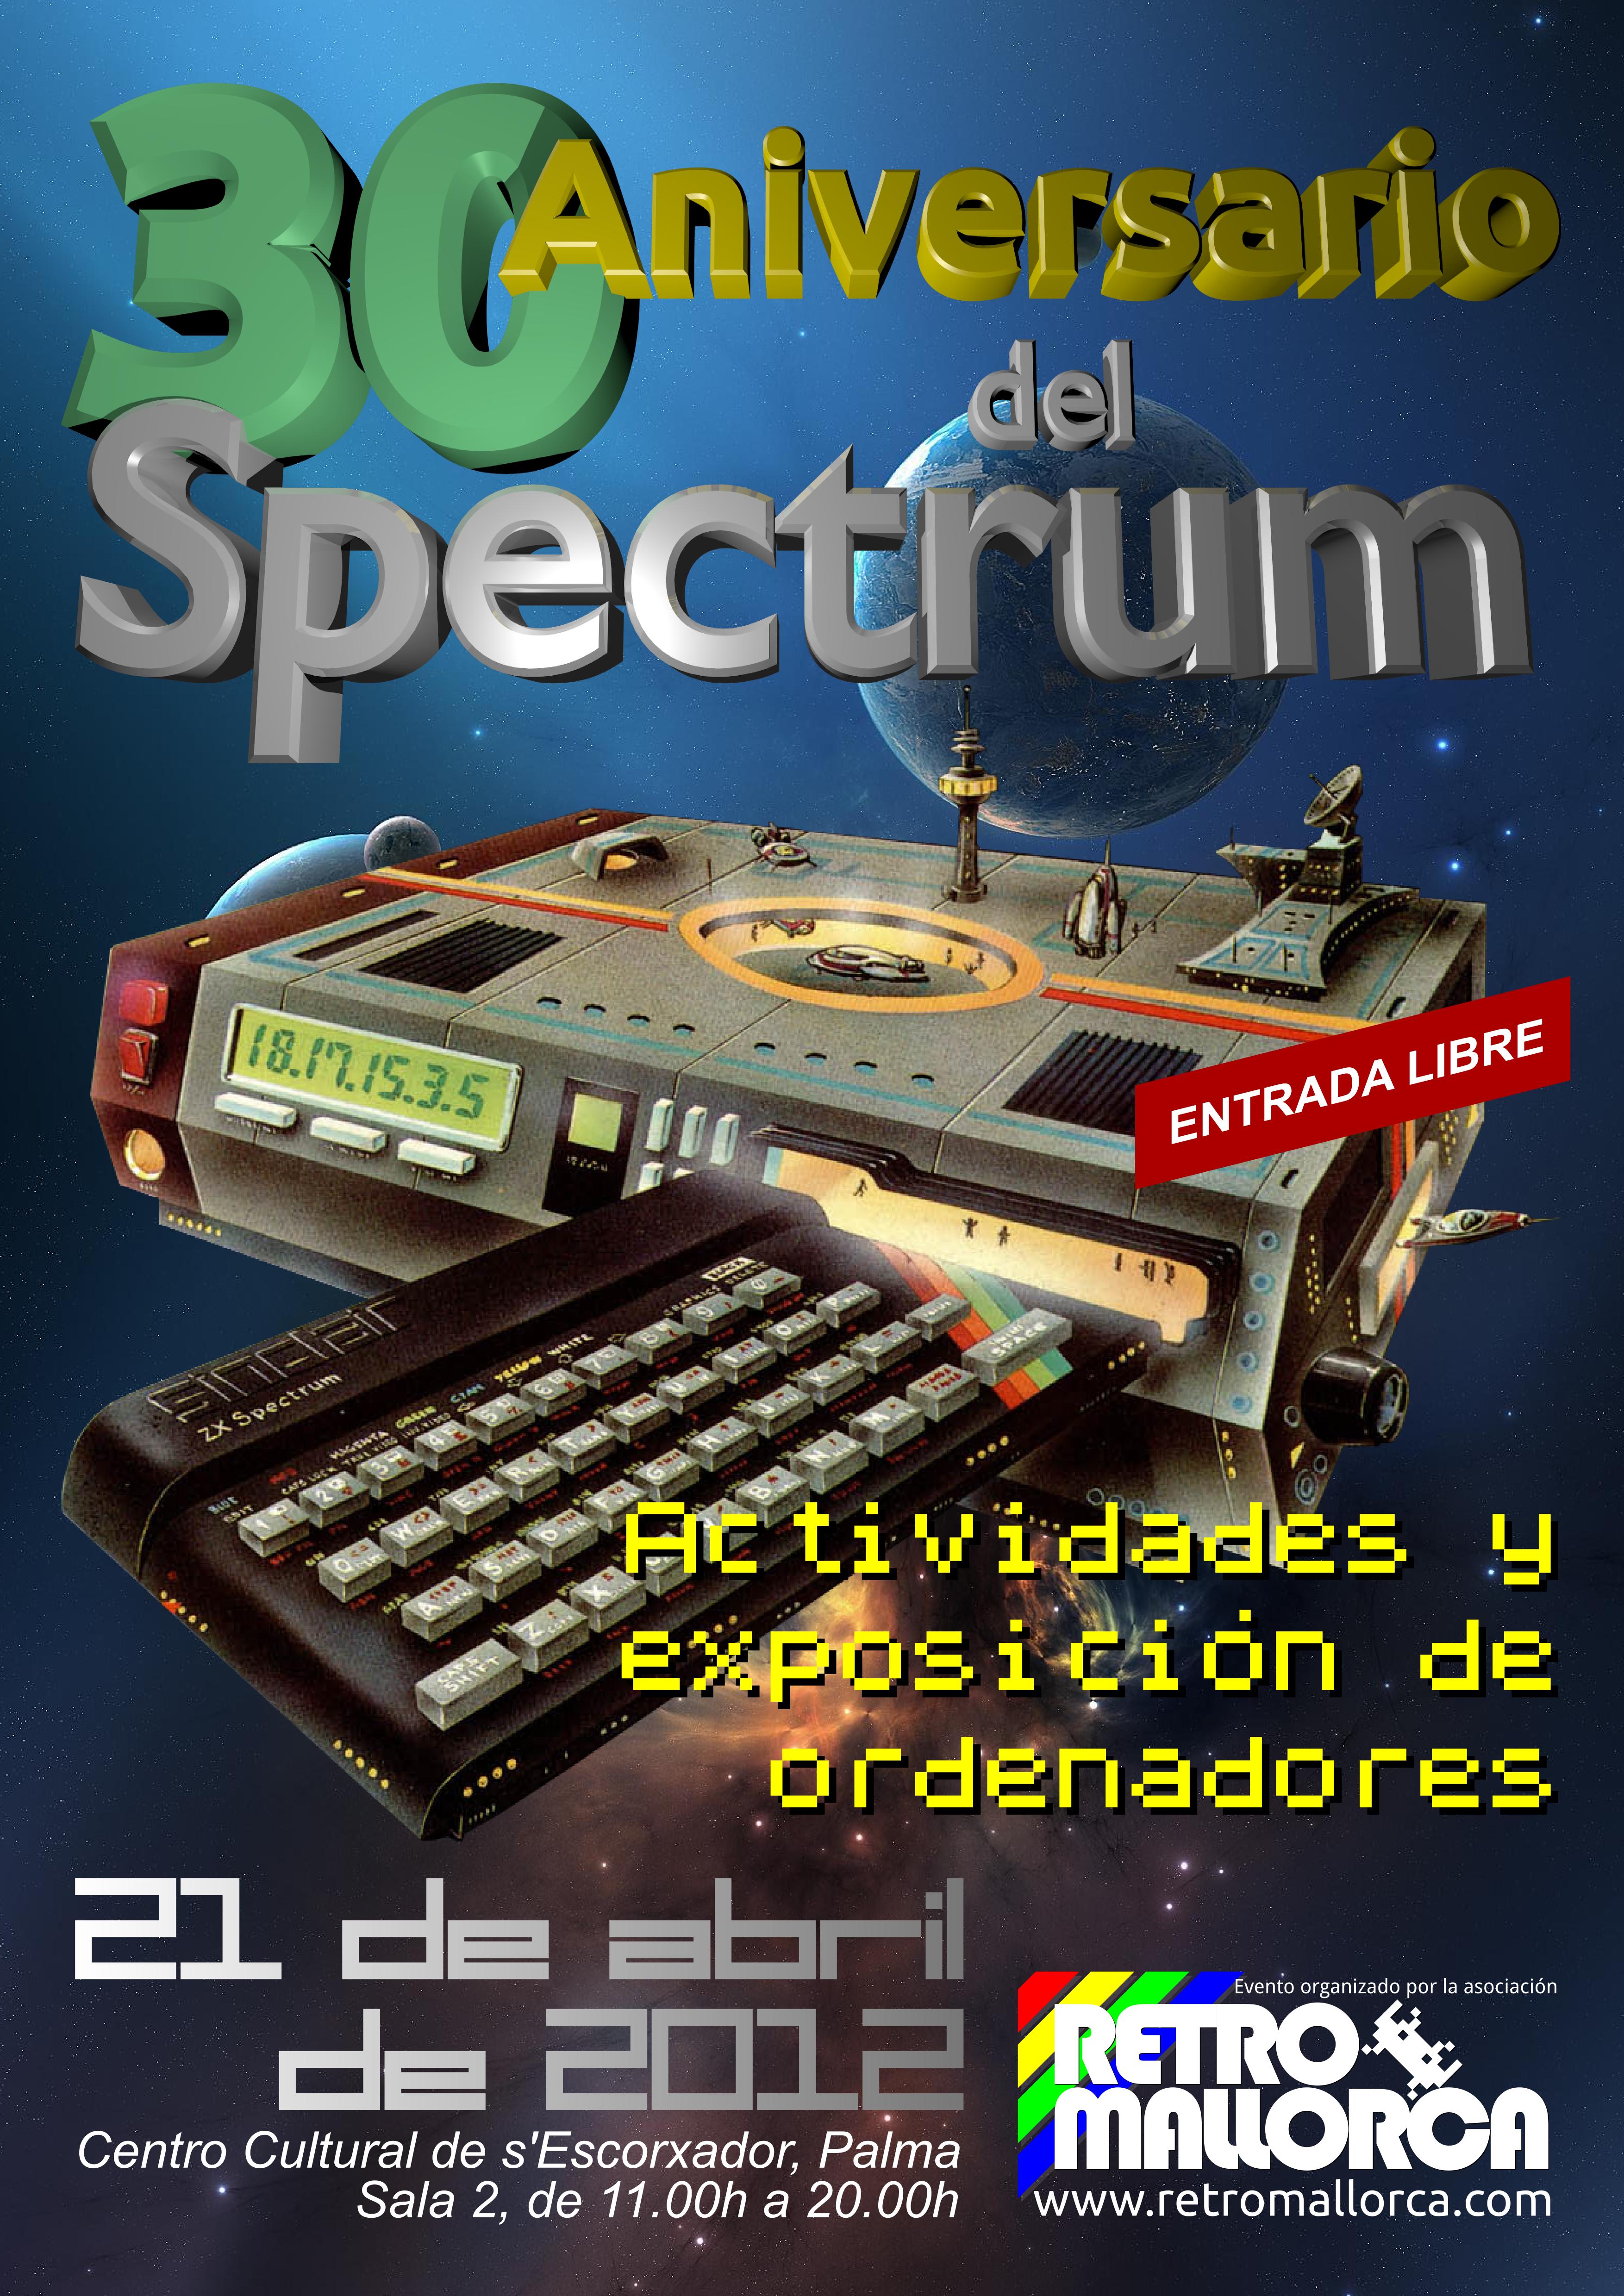 RetroMallorca celebra el 30 Aniversario del Spectrum en s'Escorxador. ¡Estáis todos invitados!: http://www.retromallorca.com/es/2012/03/retromallorca-celebra-el-30-aniversario-del-spectrum/